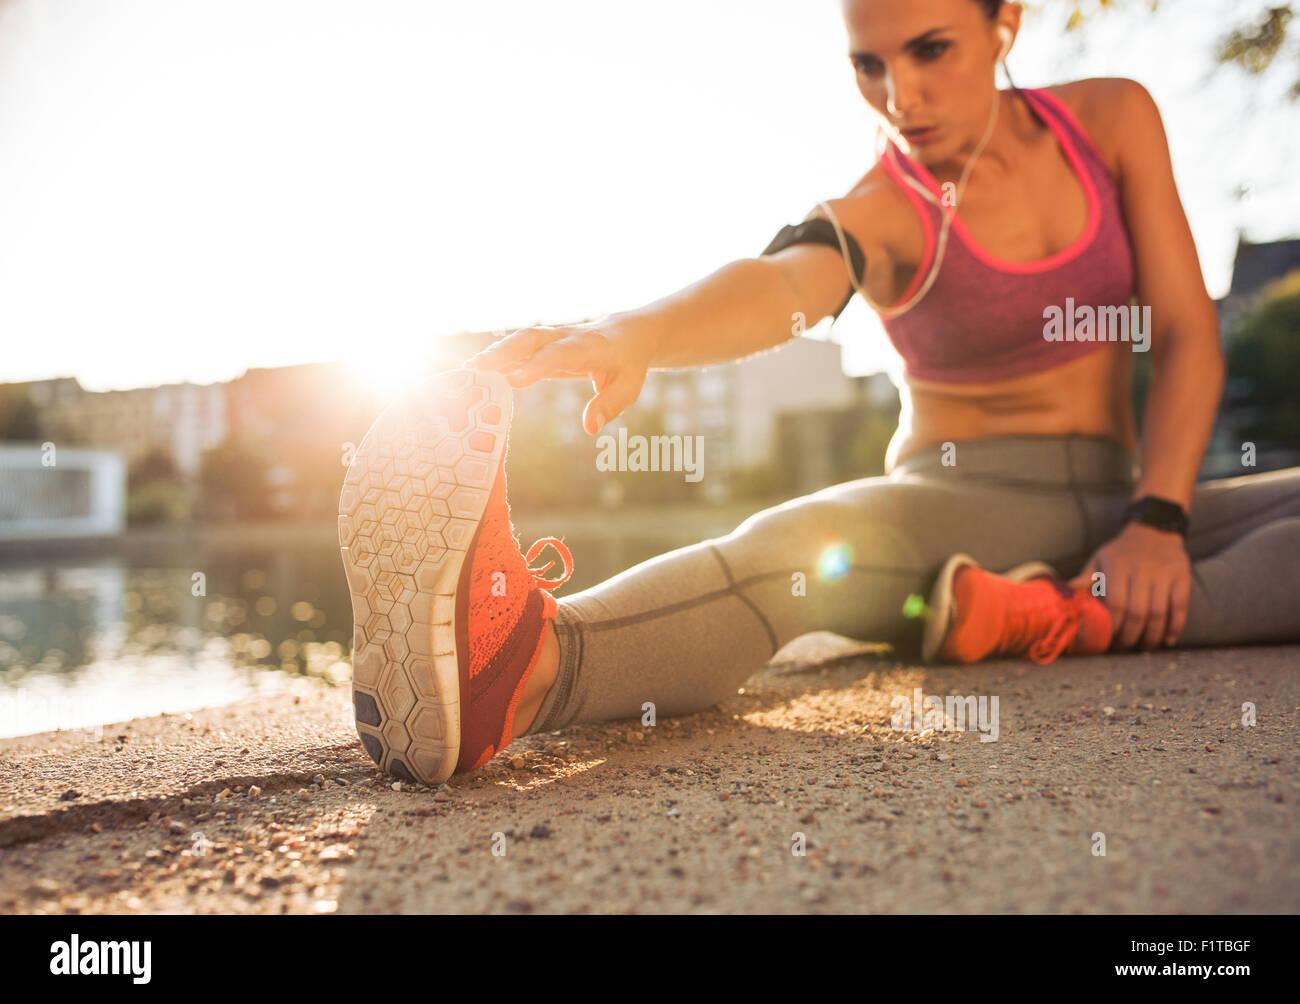 Jeune femme runner stretching jambes avant de faire son entraînement d'été. La sportive de préchauffage Photo Stock